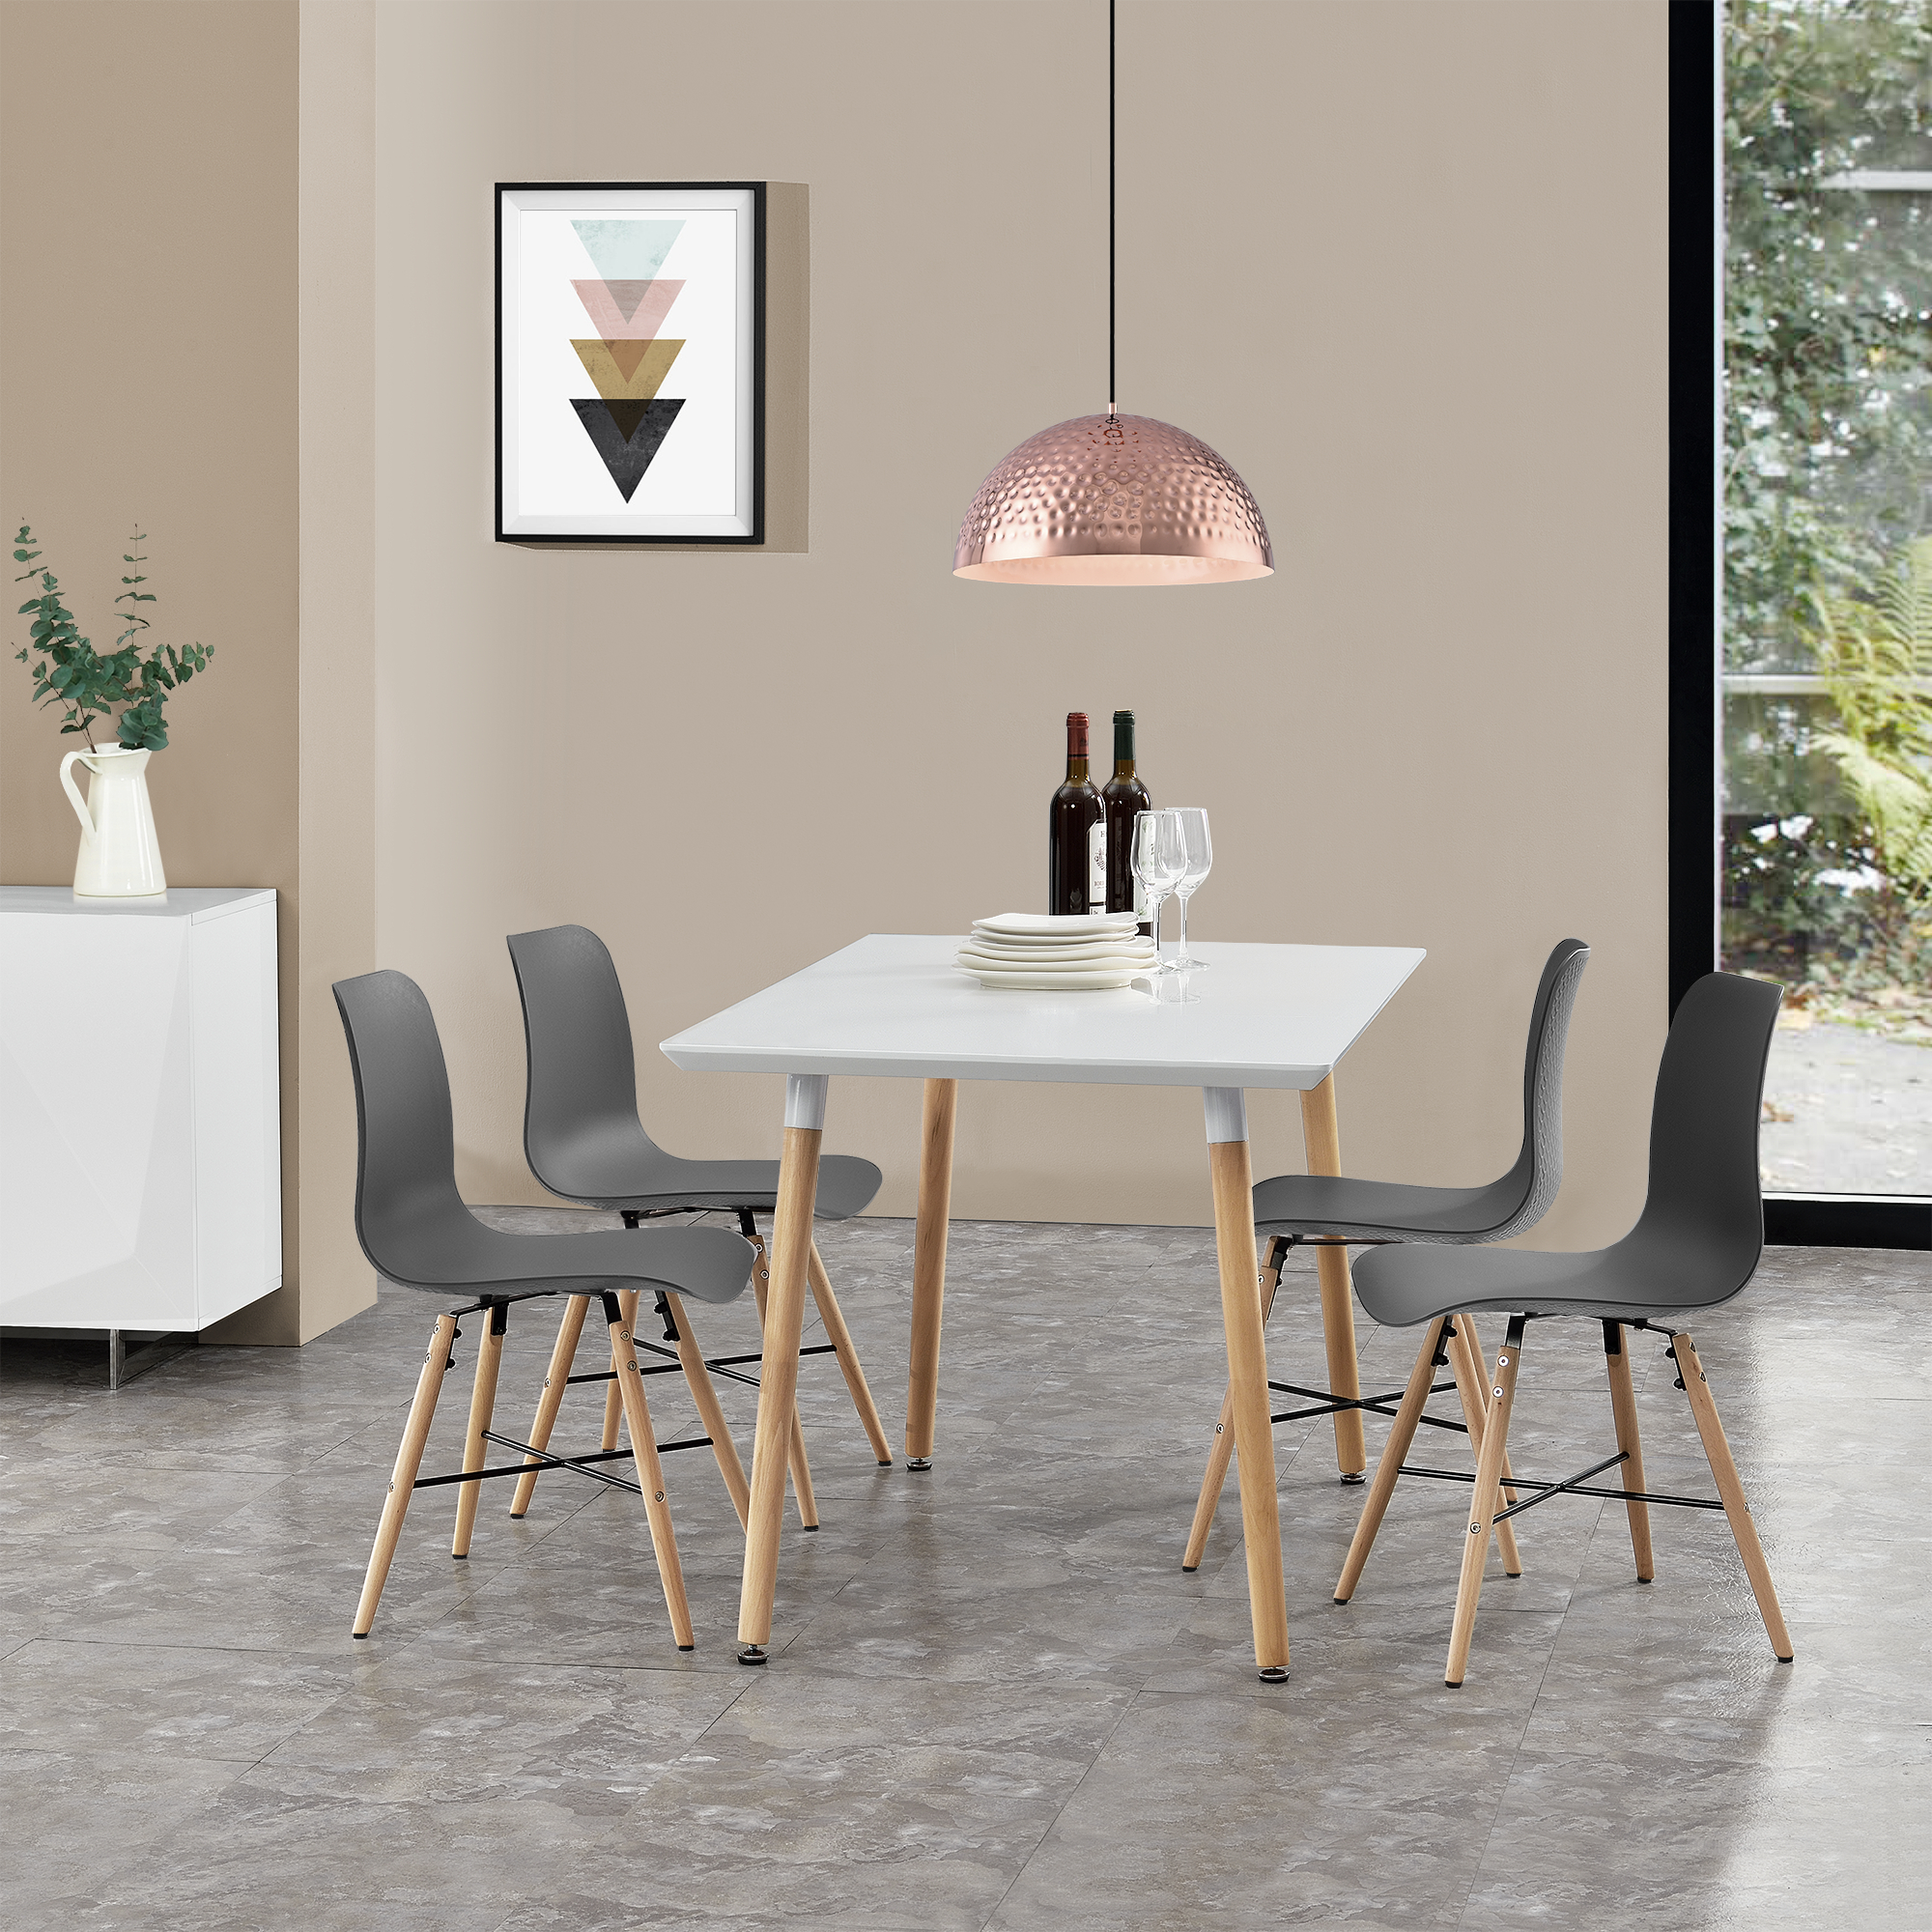 esstisch mit 4 st hlen wei grau 120x70cm st hle mit muster esstisch ebay. Black Bedroom Furniture Sets. Home Design Ideas